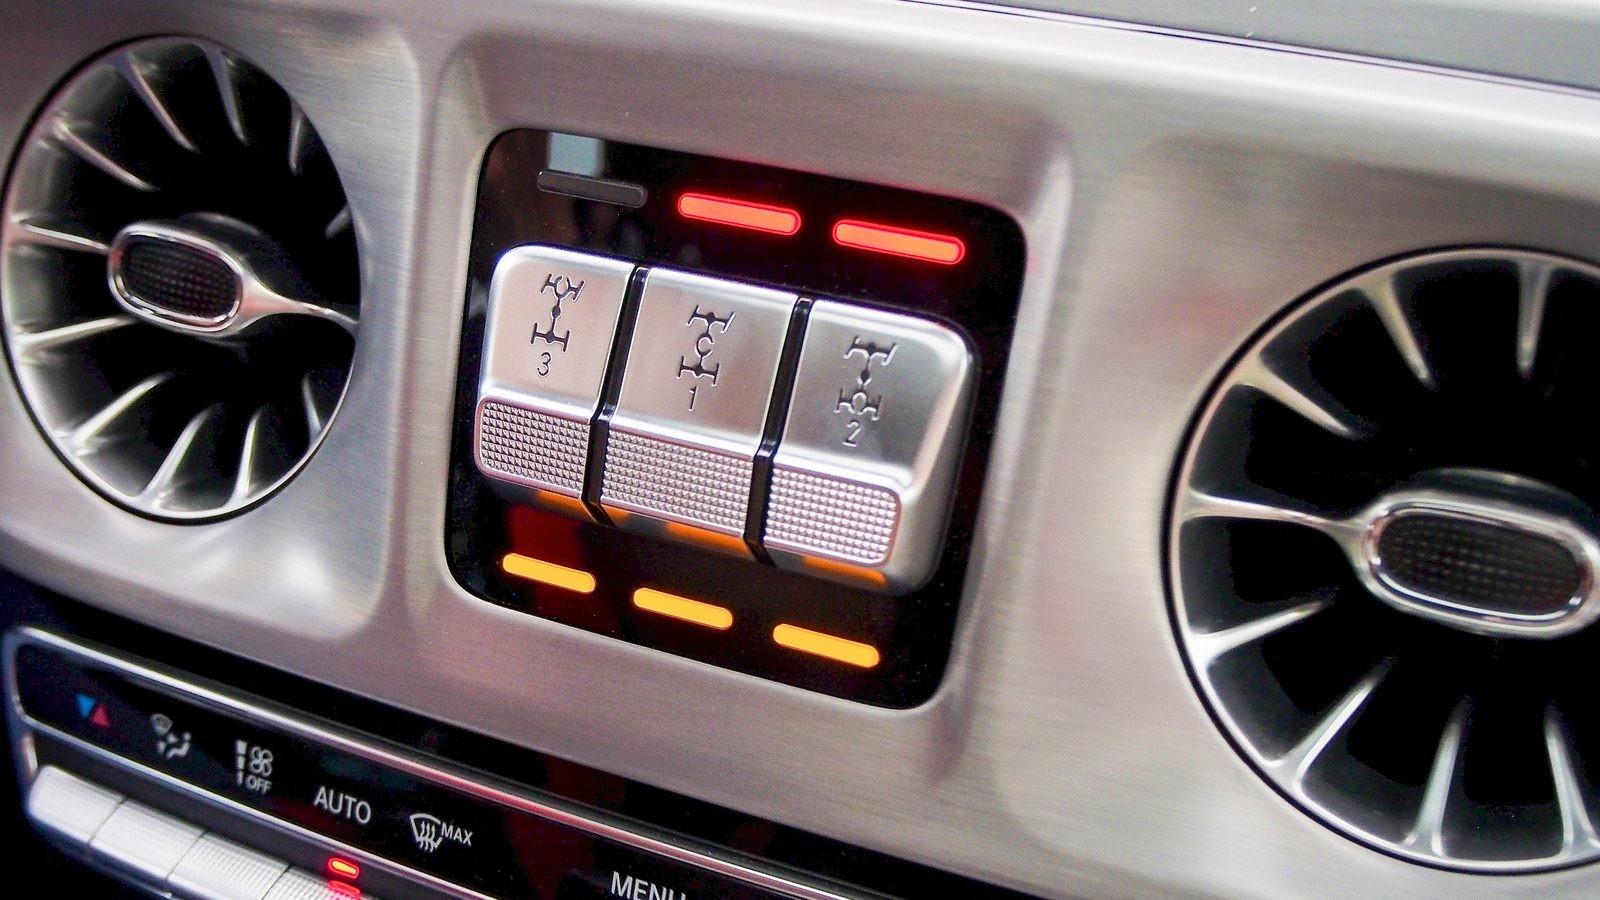 Mercedes-Benz G-Klasse блокировка